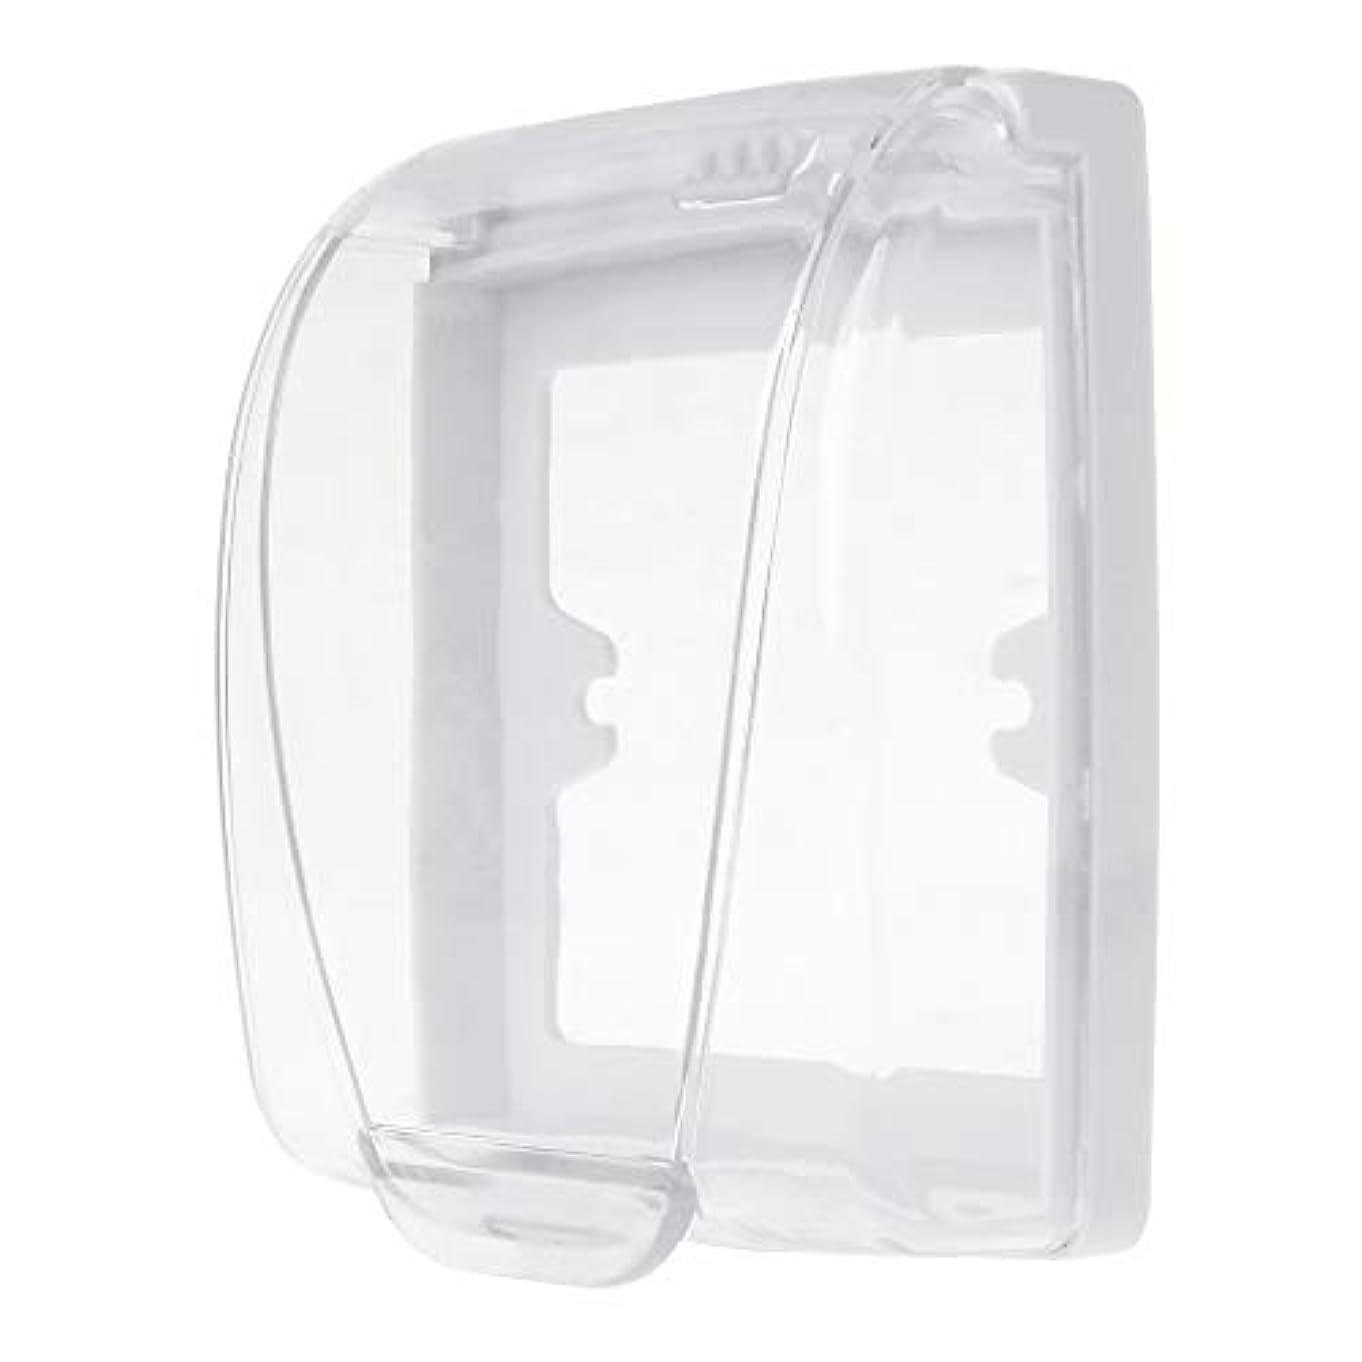 コンパクト蓄積する戦いLamdooプラスチック壁防水カバーボックス壁ライトパネルソケットドアベルフリップキャップカバークリア浴室キッチンアクセサリー